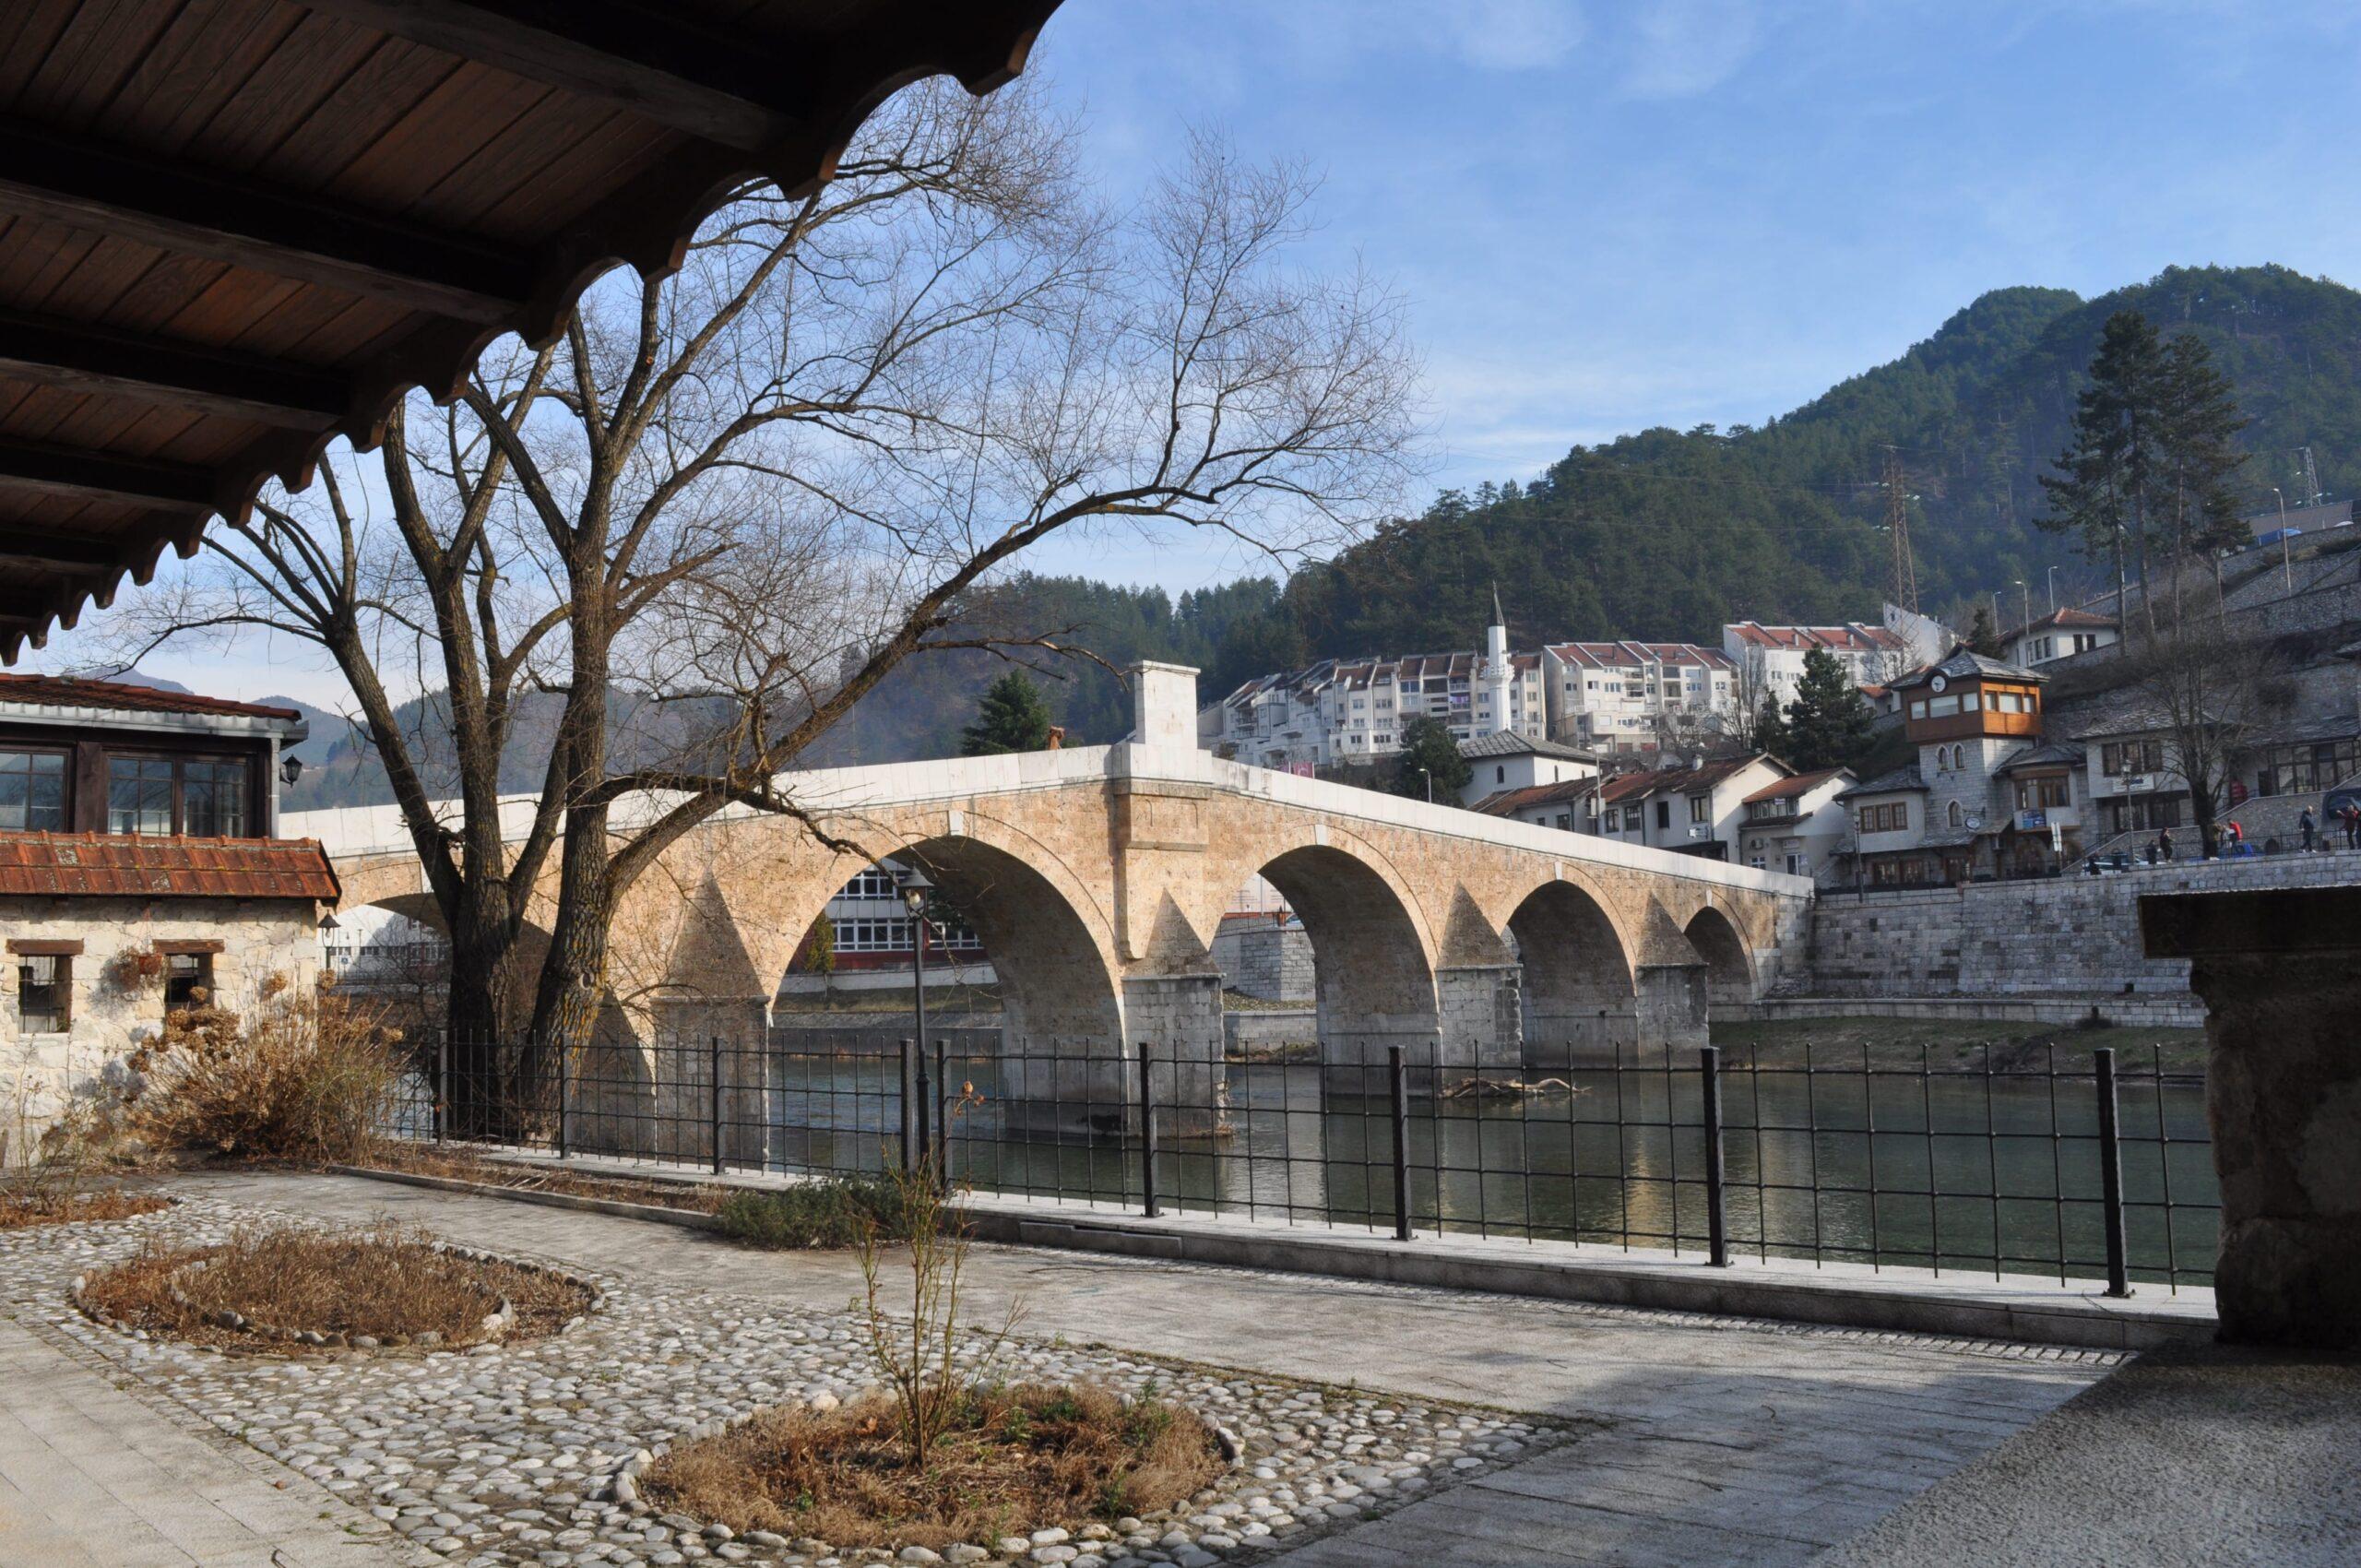 konjic, ottoman bridge, bosnia, herzegovina, tours in bosnia, tours from sarajevo, virtual tours, virtual reality, travel,